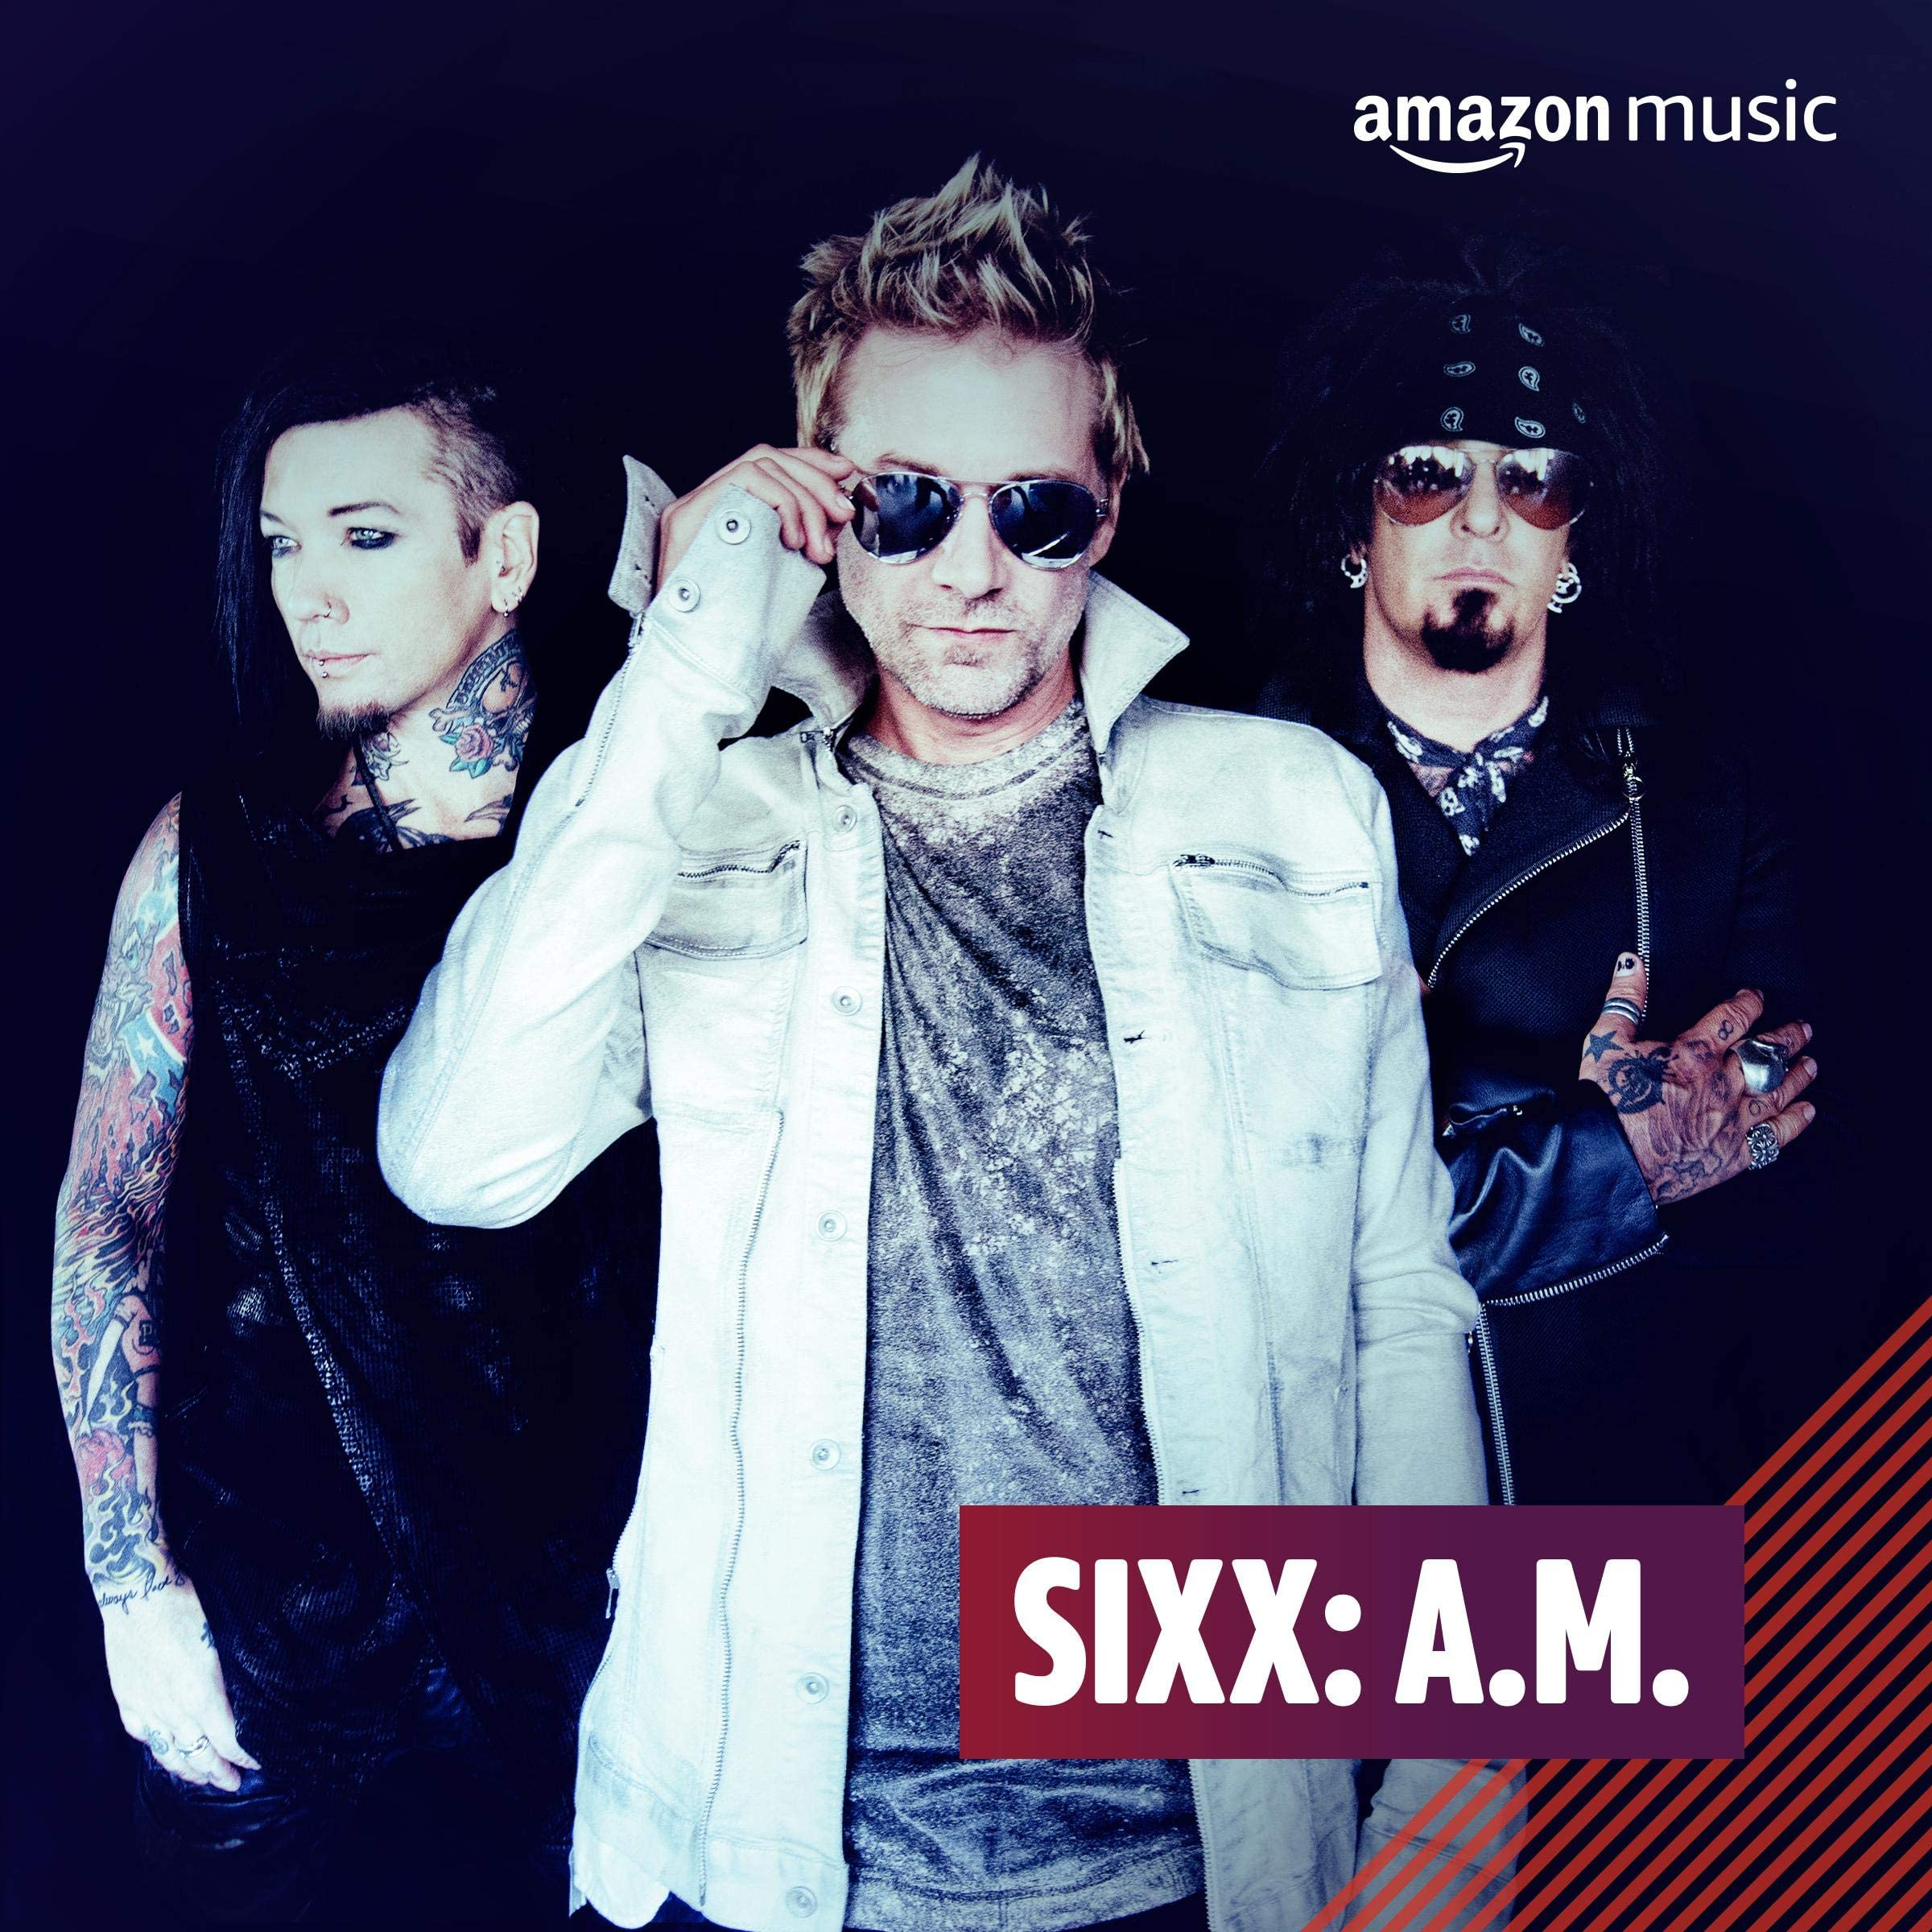 Sixx: A.M.